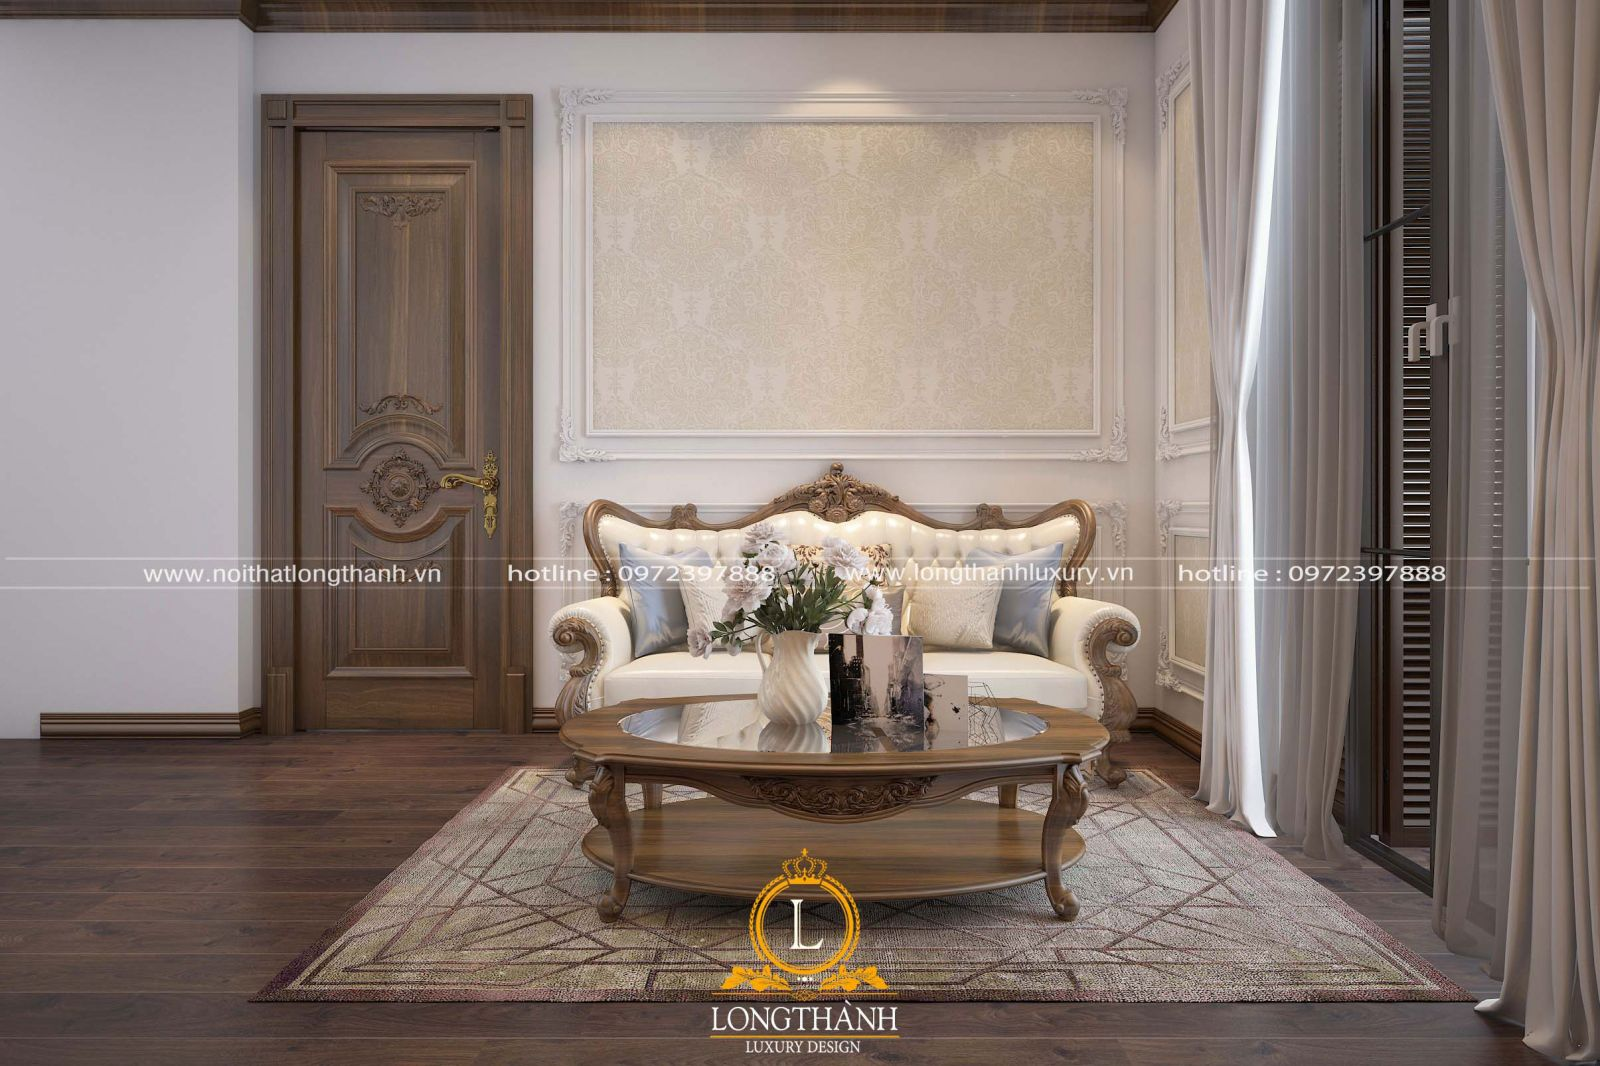 Nội thất phòng khách tân cổ điển chung cư được thiết kế nhẹ nhàng, đơn giản